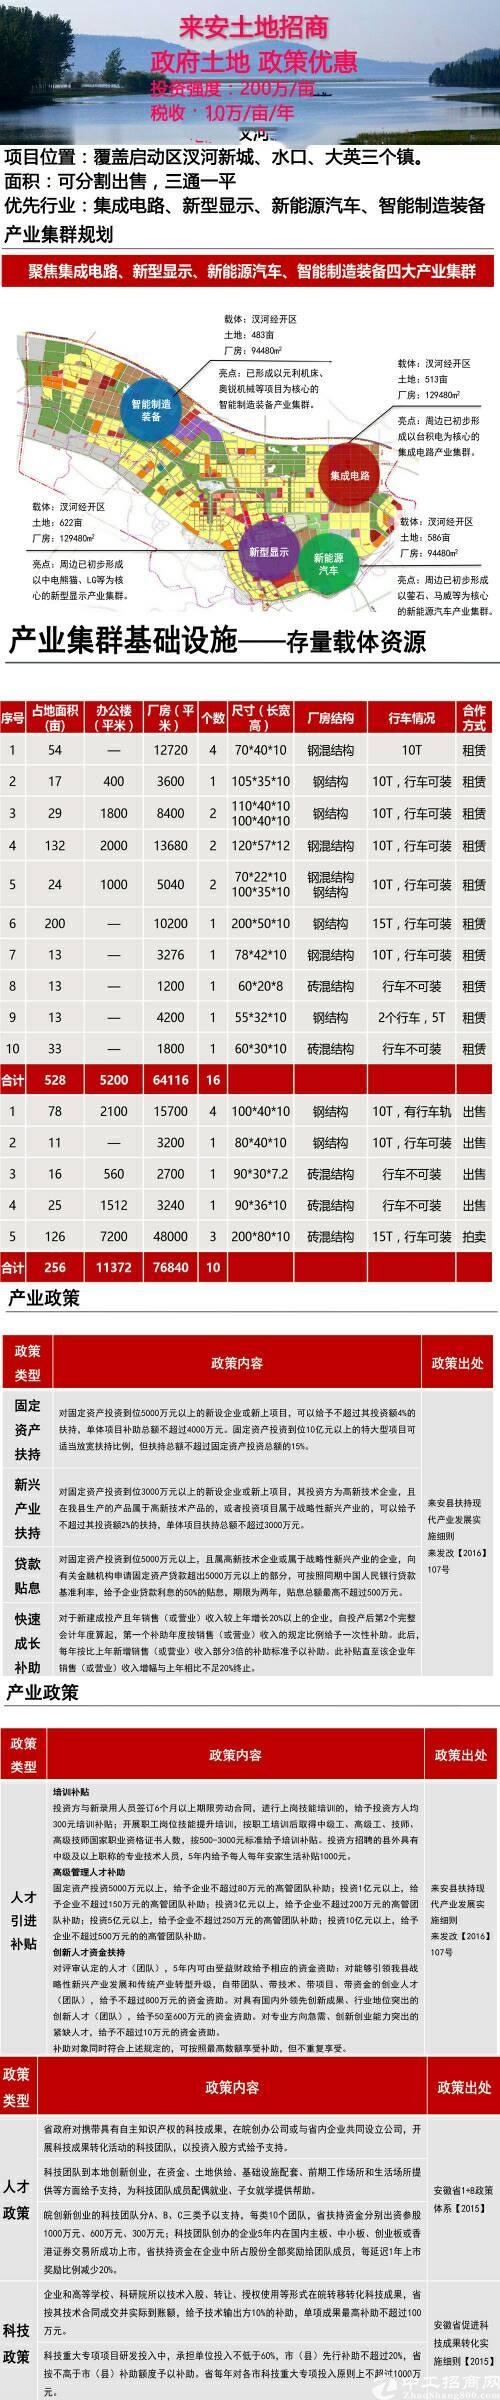 安徽滁州产业园大力引进高新企业前来投资!